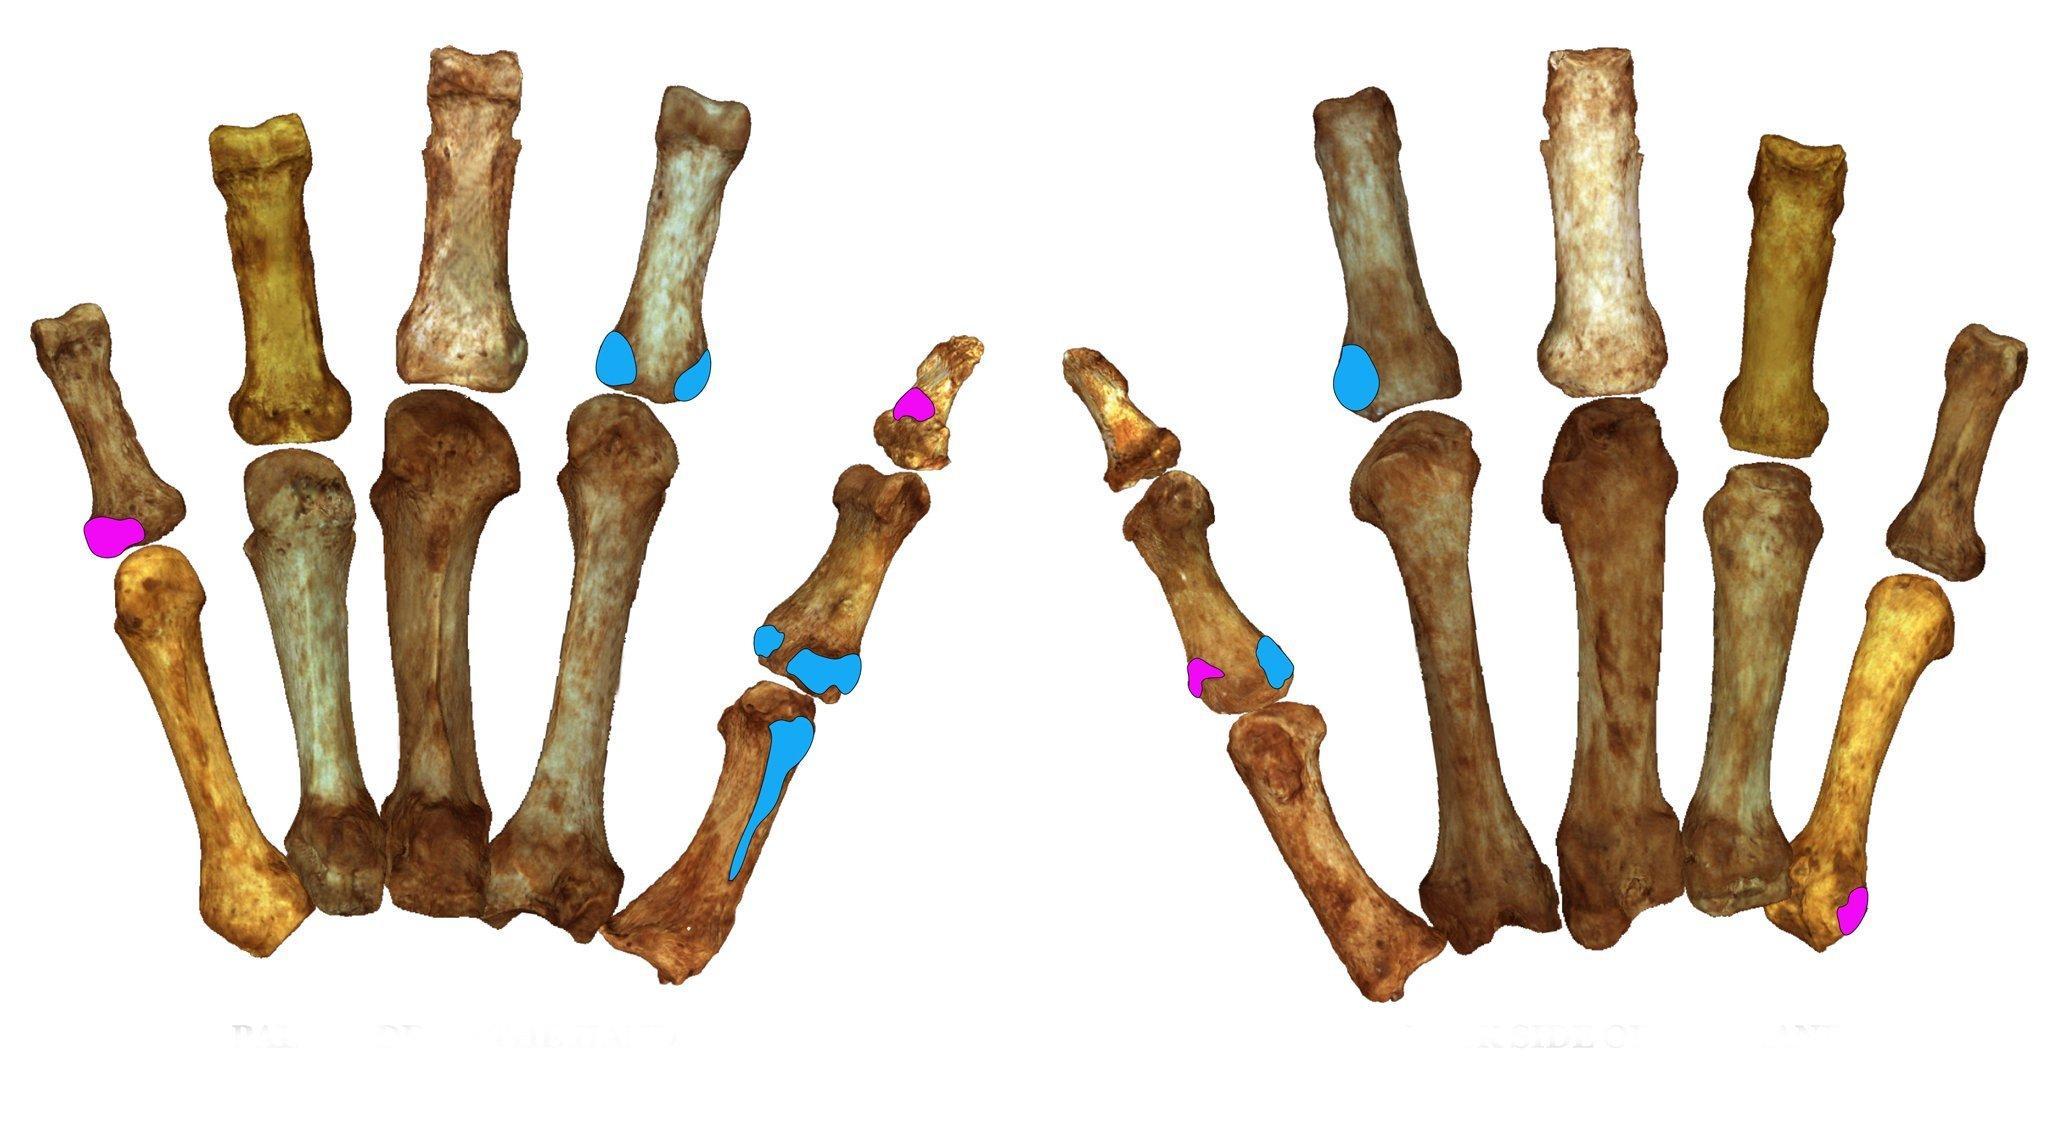 Das Bild zeigt die Handknochen eines Neandertalers. Daran sind jene Stellen farbig markiert, an denen Muskeln ansetzen, mit welchen die Urmenschen Kraft- und Präzisionsgriffe ausübten. Forscher konnten so nachweisen, dass Neandertaler ebenso feinfühlig greifen können wie moderne Menschen.